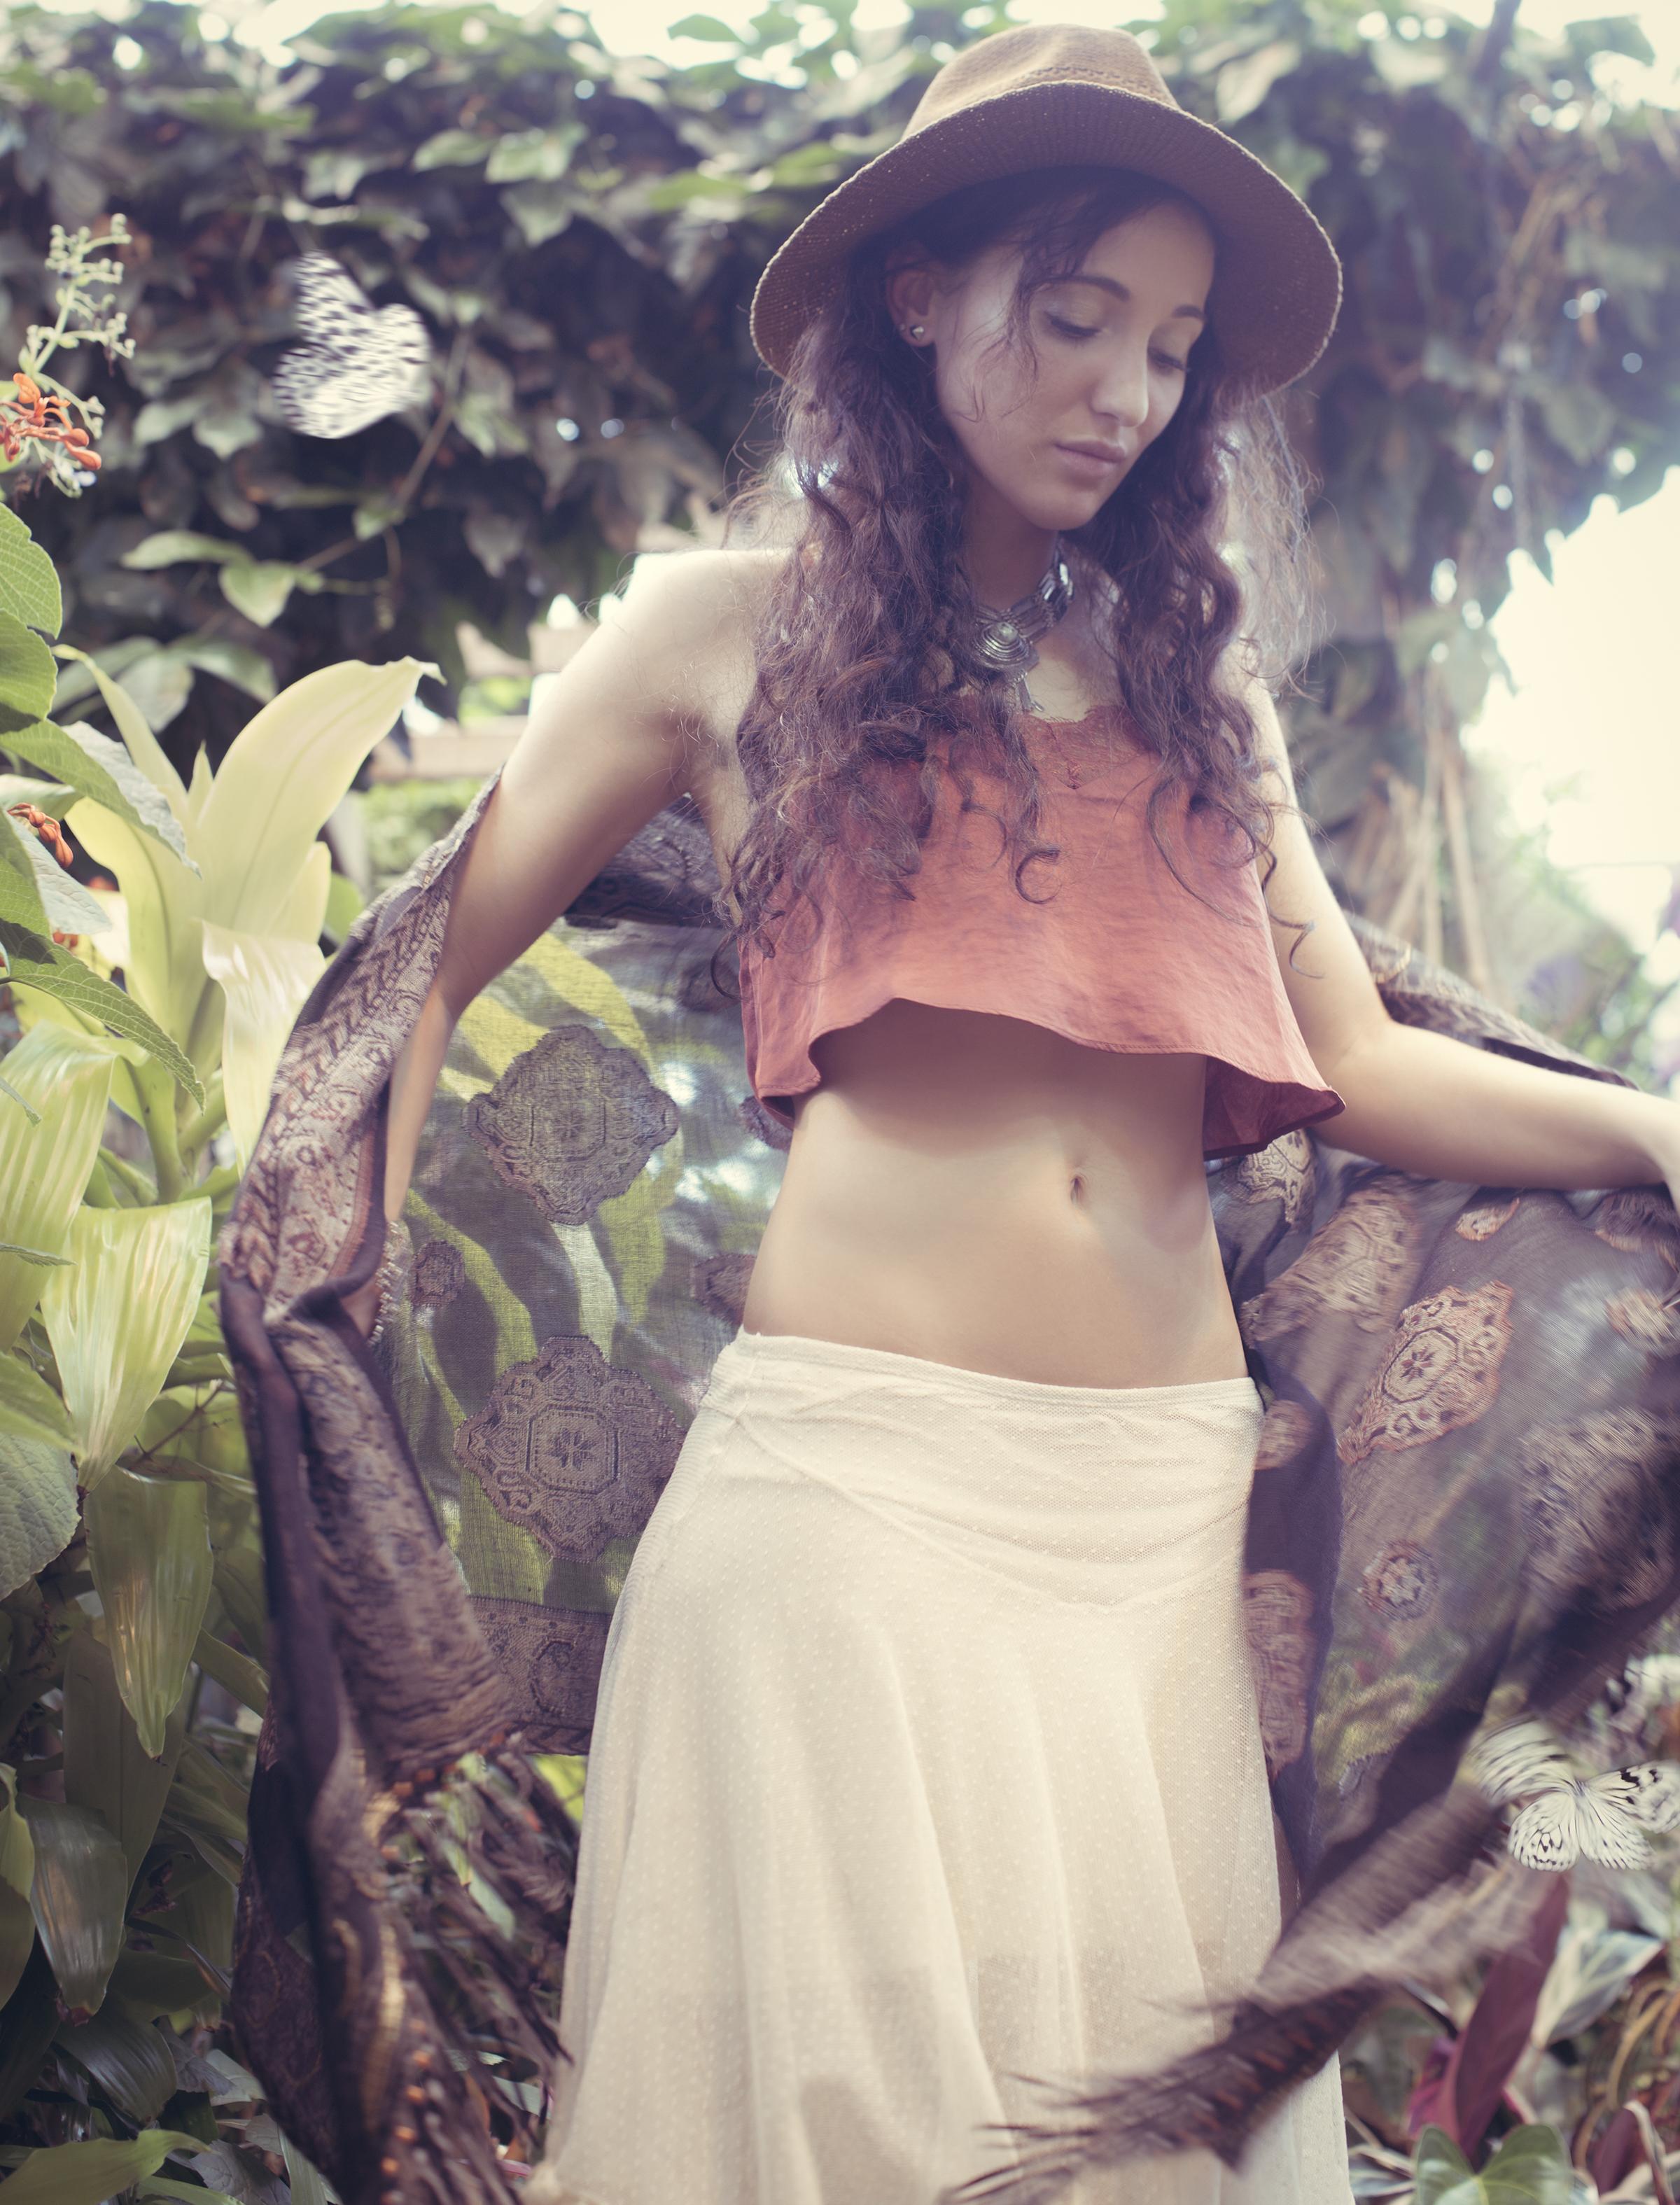 Butterfly_Dani.jpg